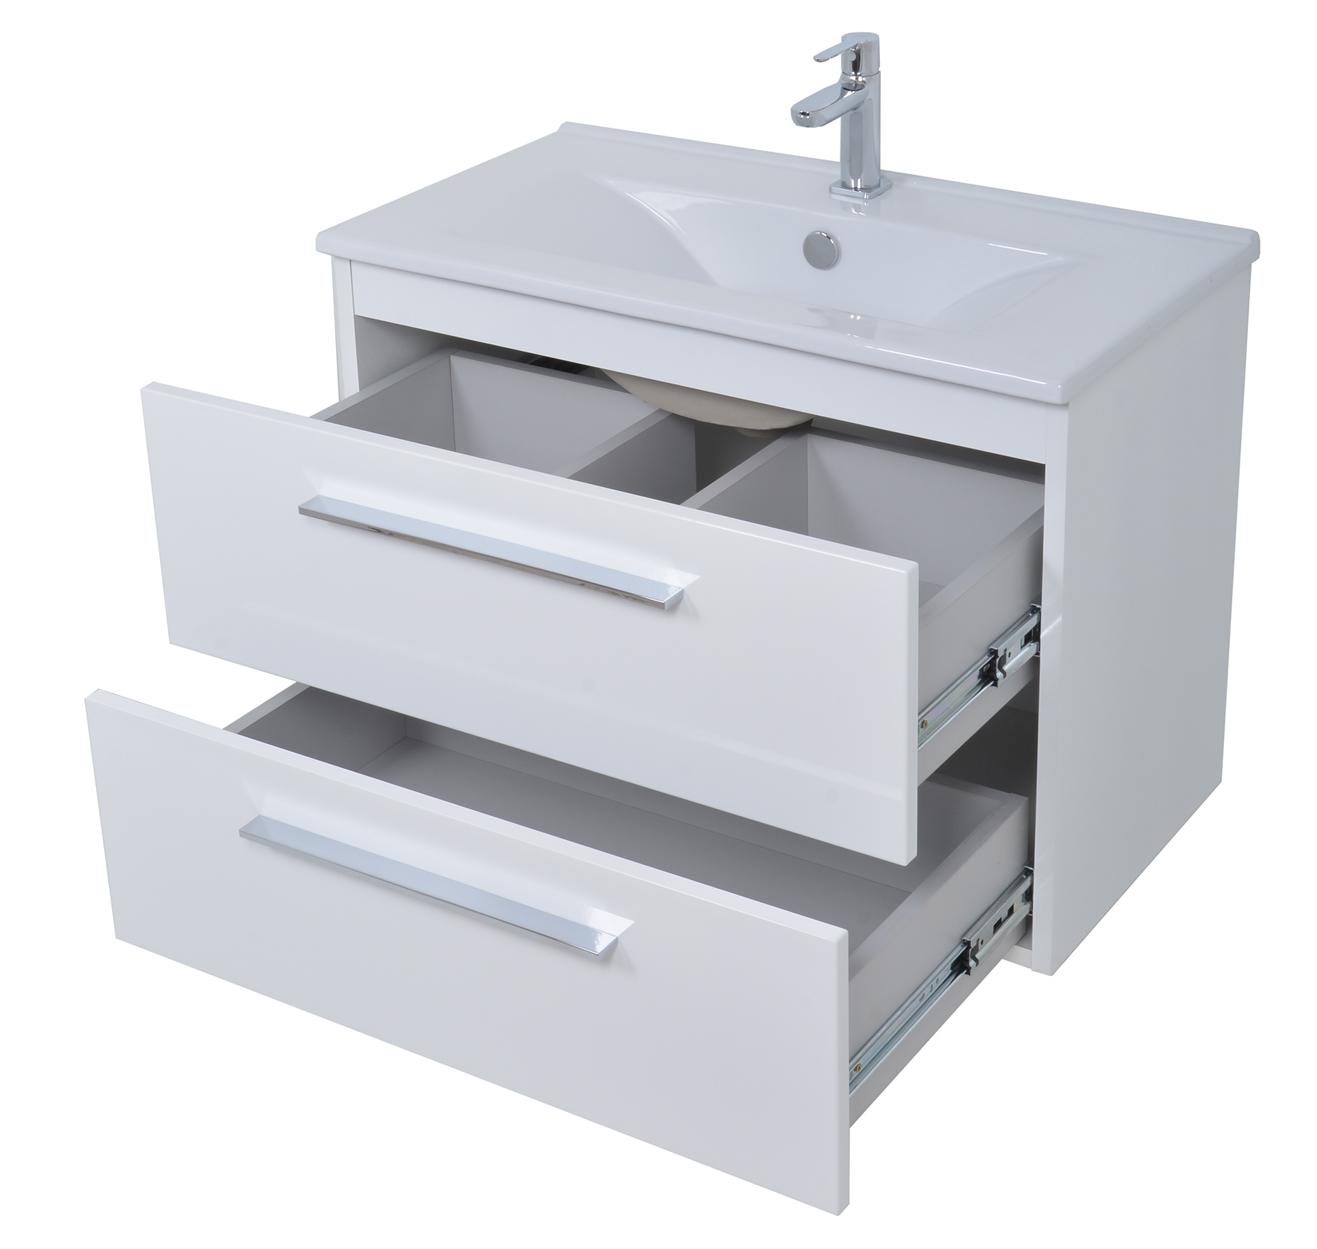 neu waschbeckenunterschrank mit waschbecken 82 direkt vom hersteller ebay. Black Bedroom Furniture Sets. Home Design Ideas